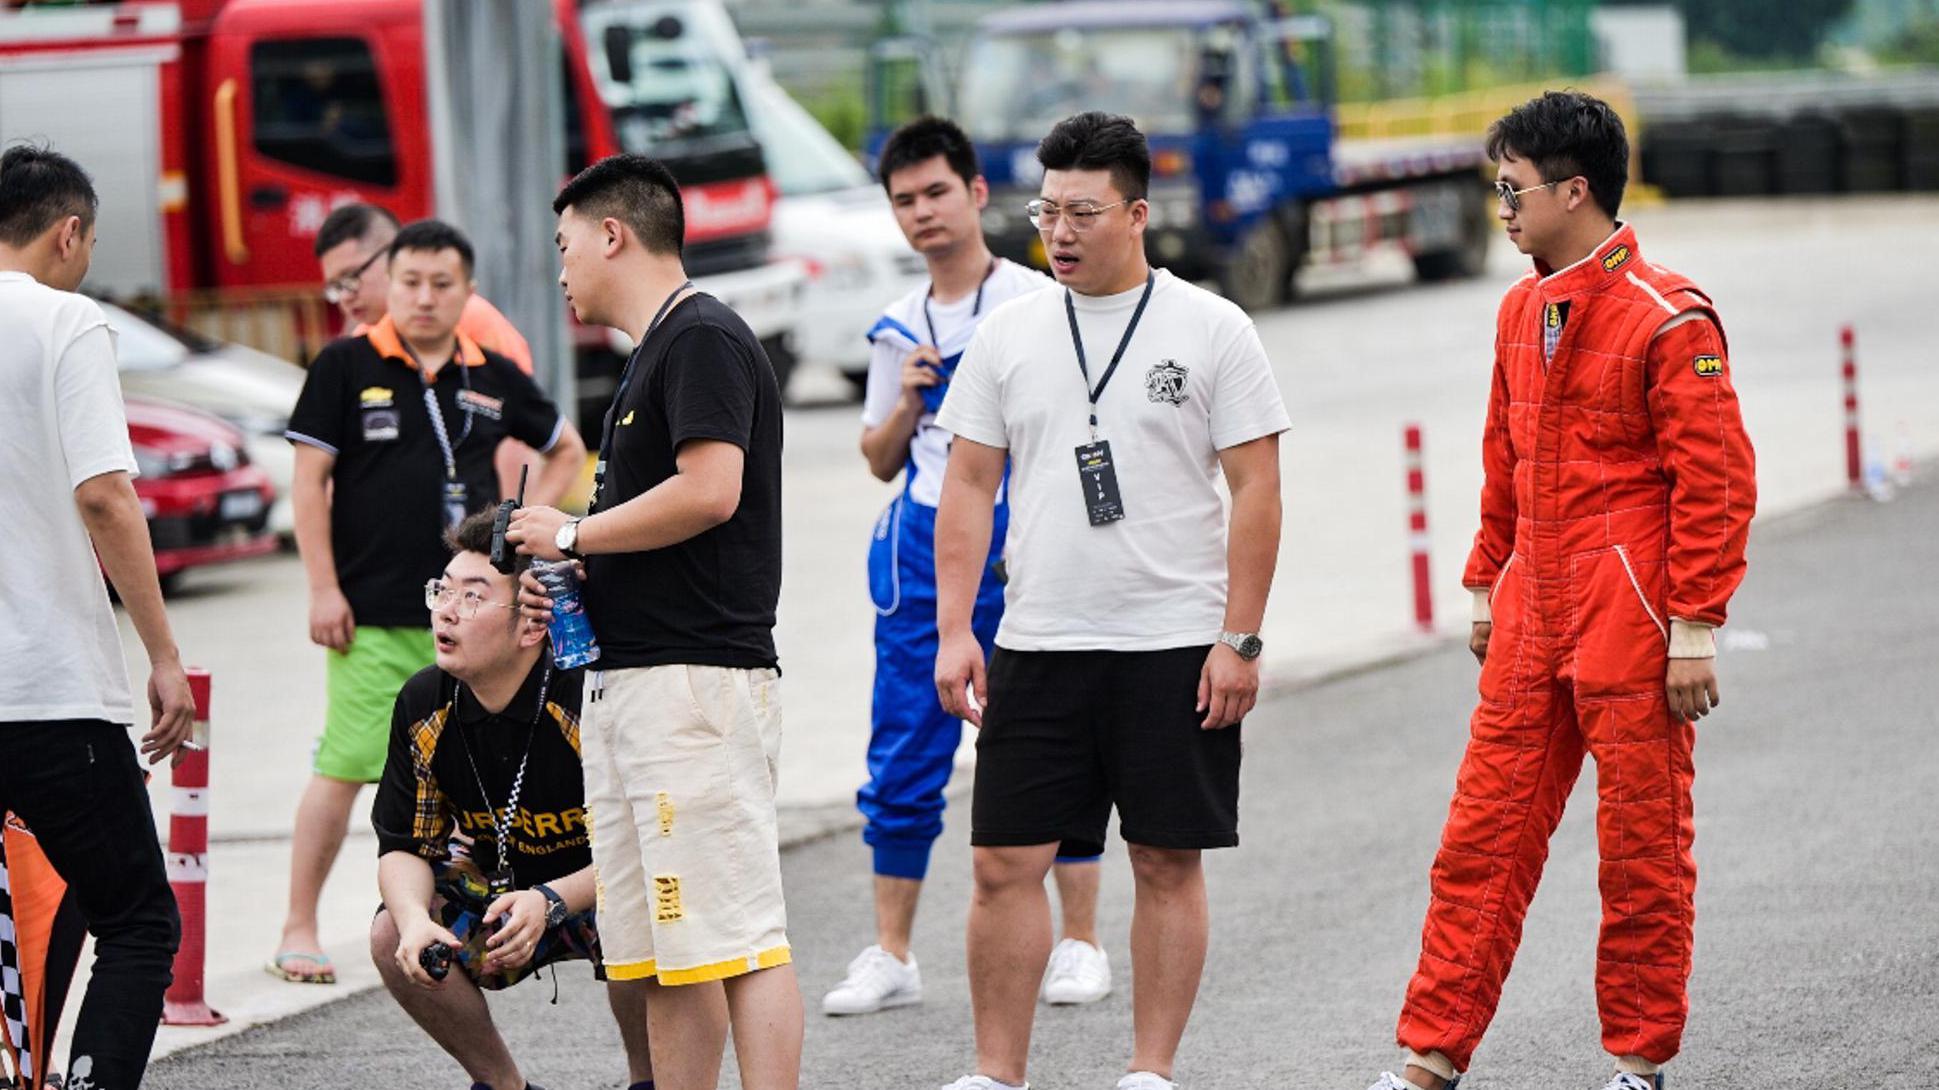 重庆汽车改装服务商云旗贸易企业宣传